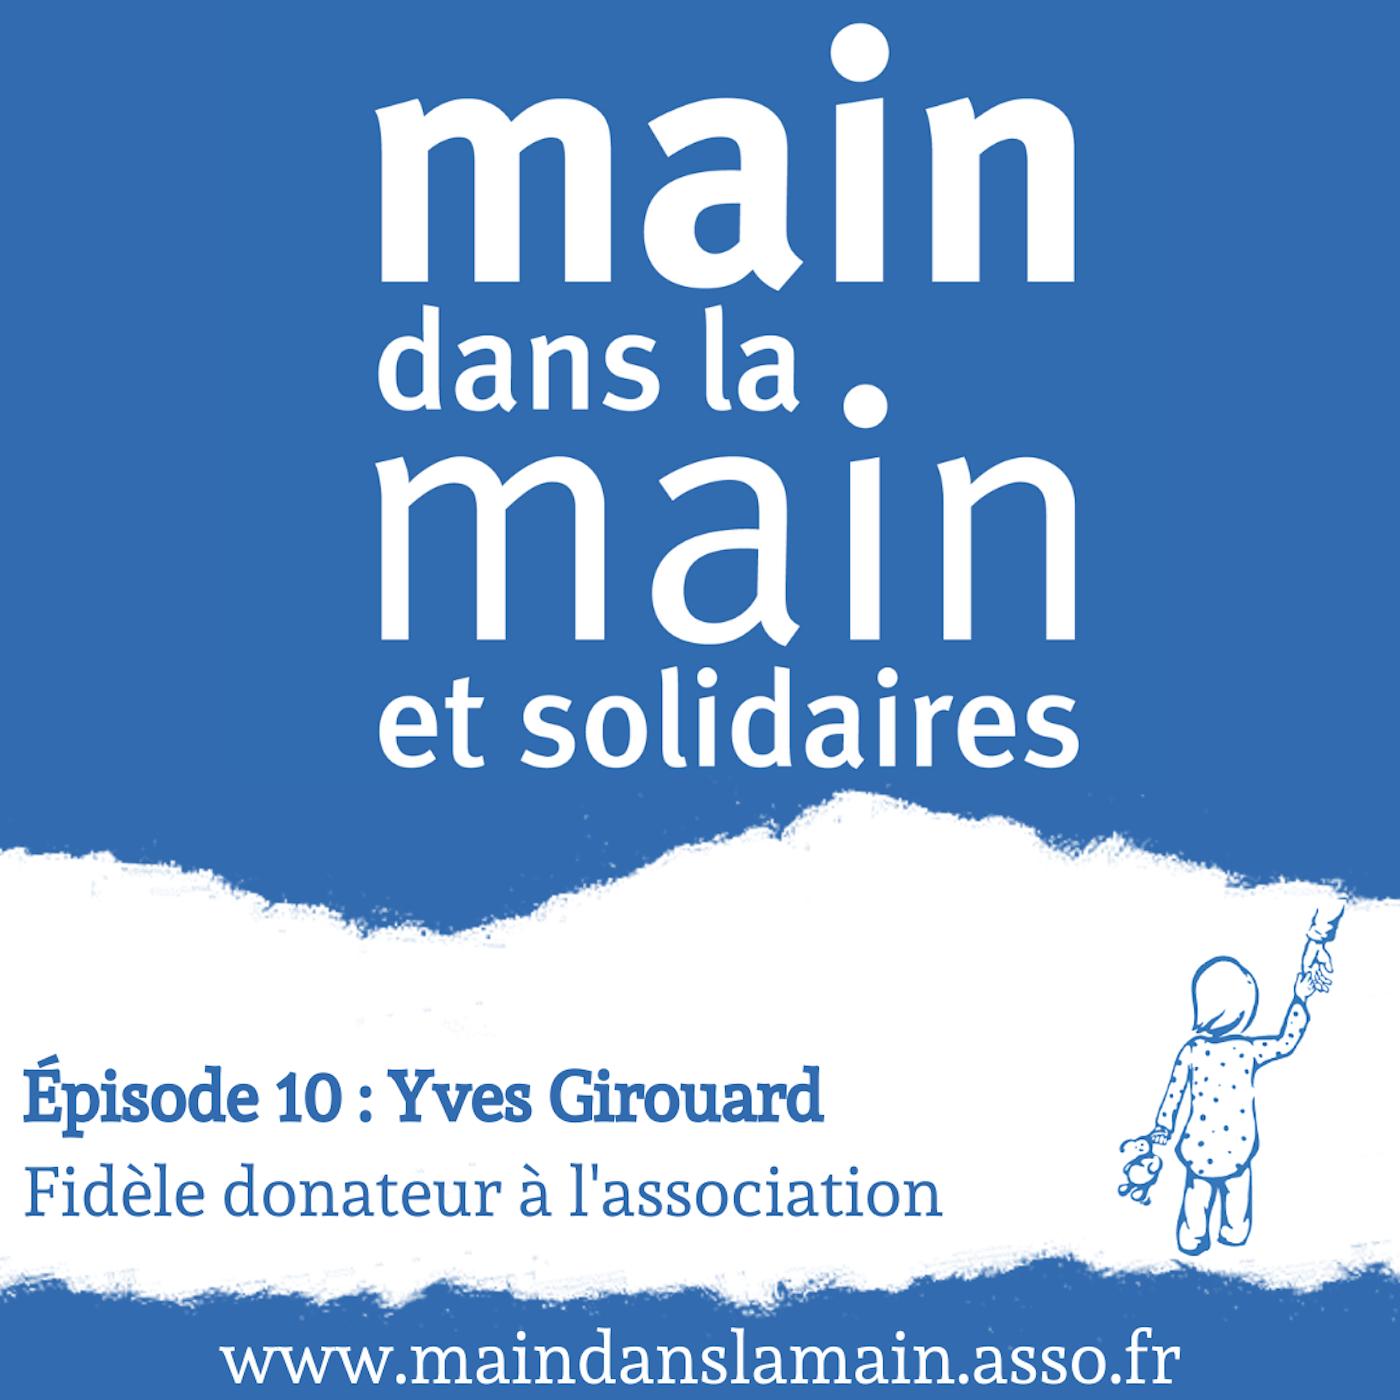 Episode 10 : Yves Girouard - Fidèle donateur à l'association